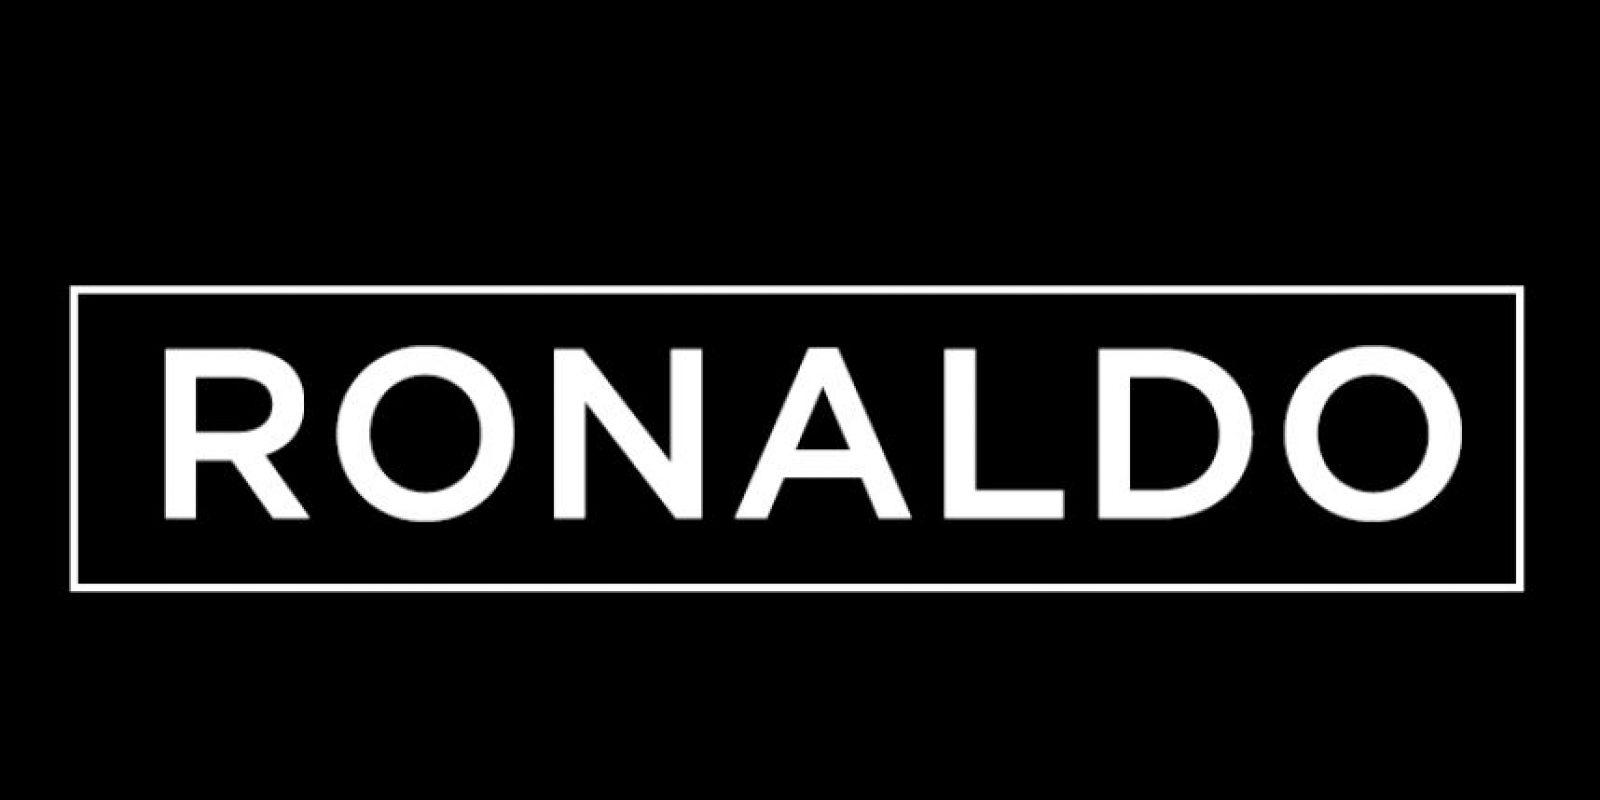 A través de sus redes sociales, Cristiano Ronaldo confirmó que está grabando un documental acerca de su vida. Foto:Vía twitter.com/cristiano